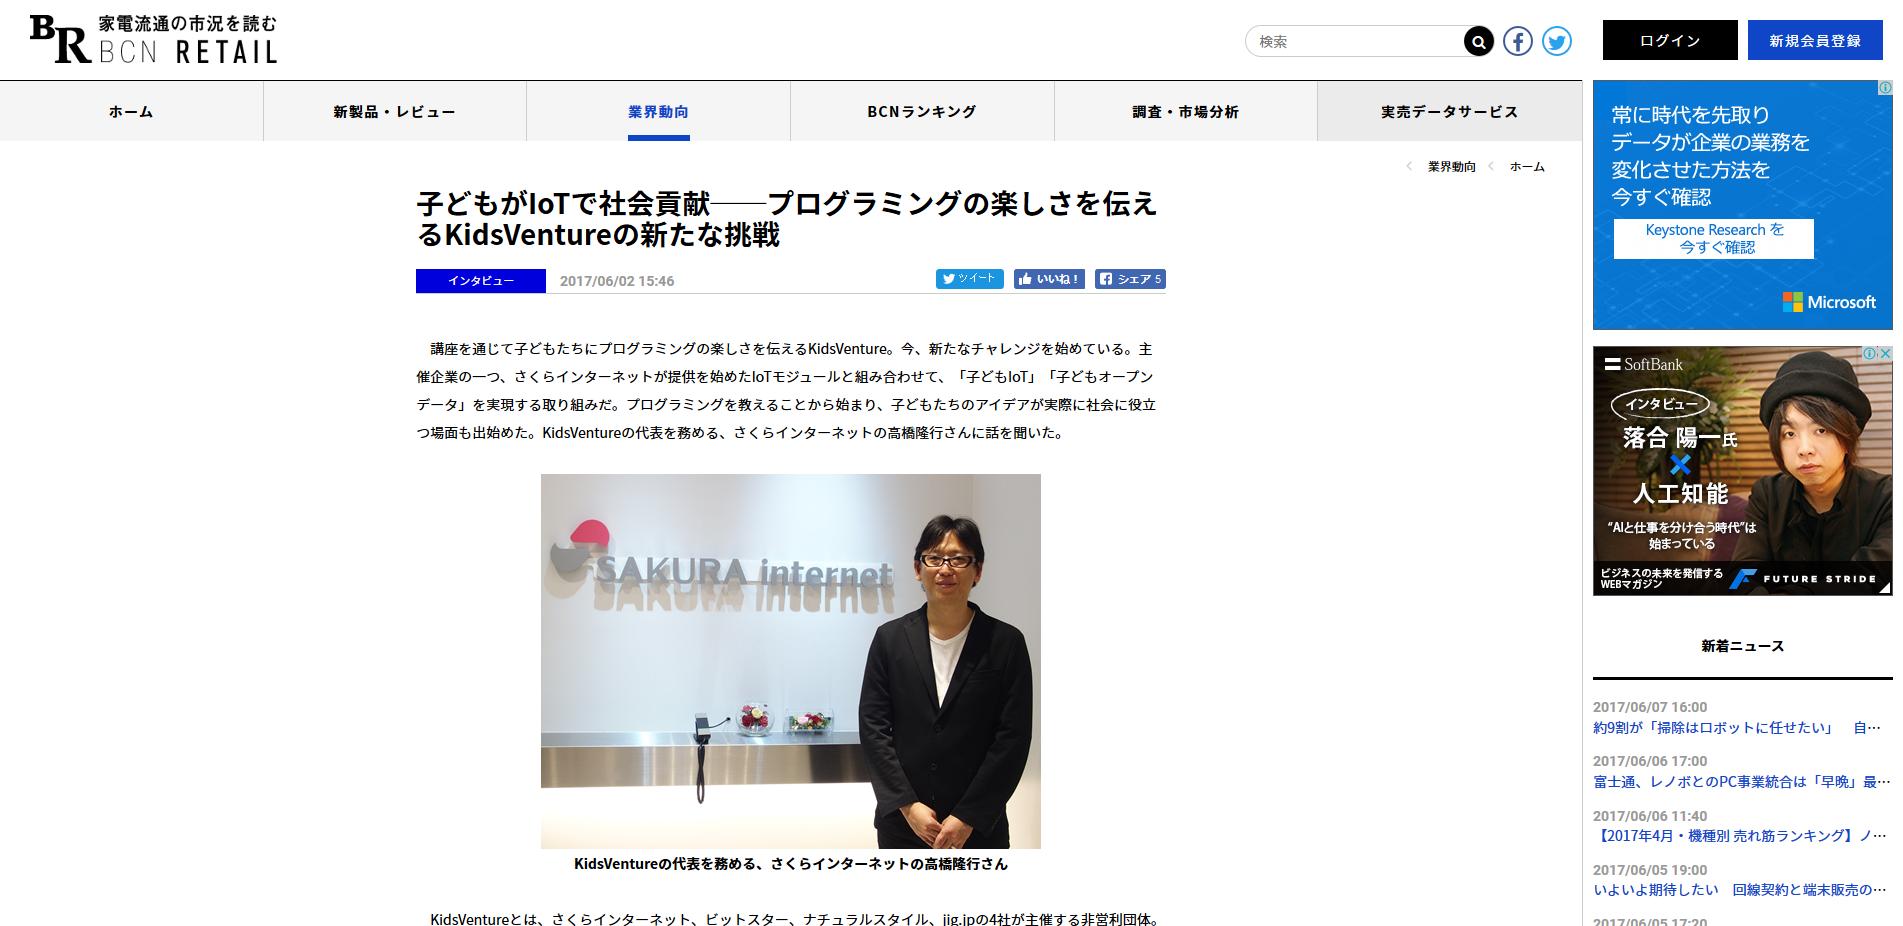 news_img_0002